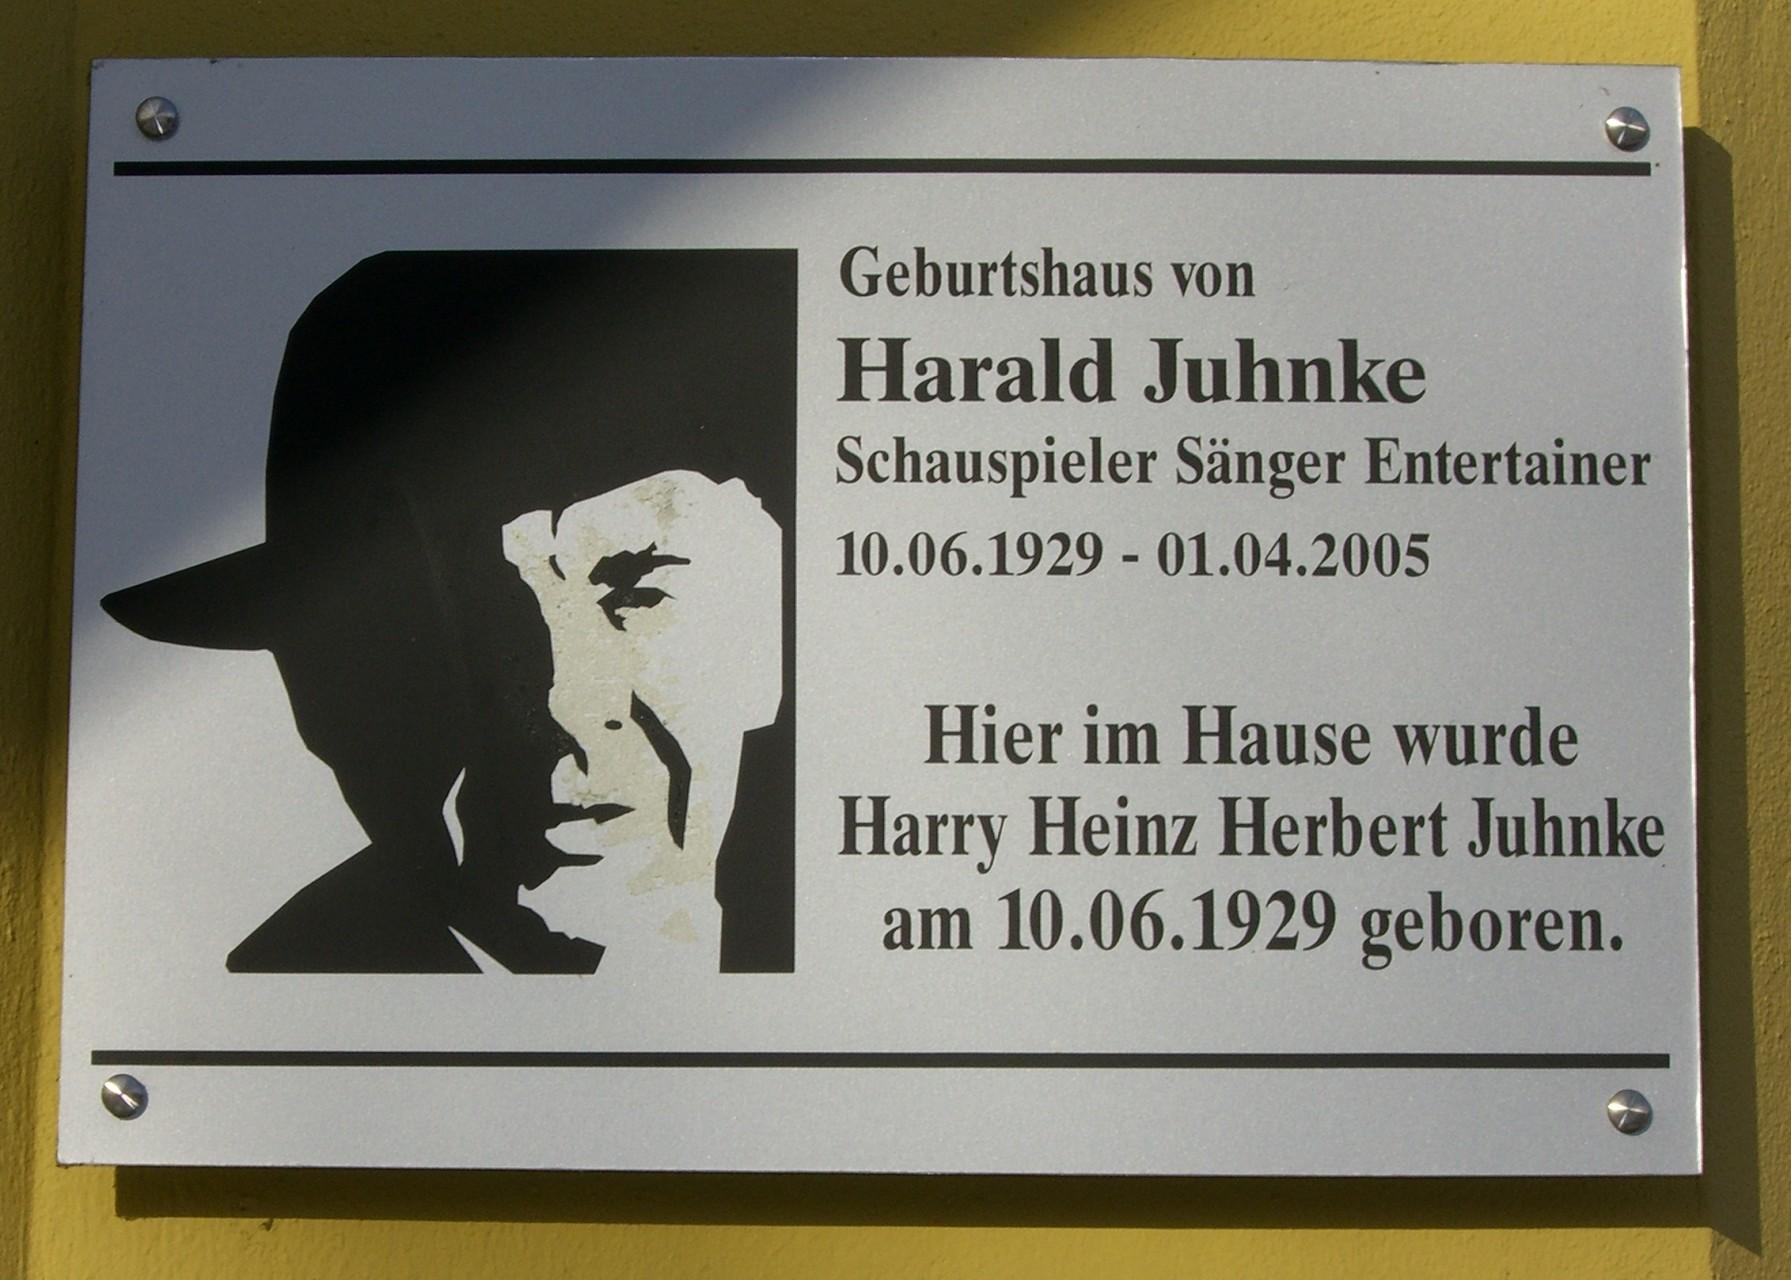 Harald Juhnke - Schauspieler, Sänger und Entertainer